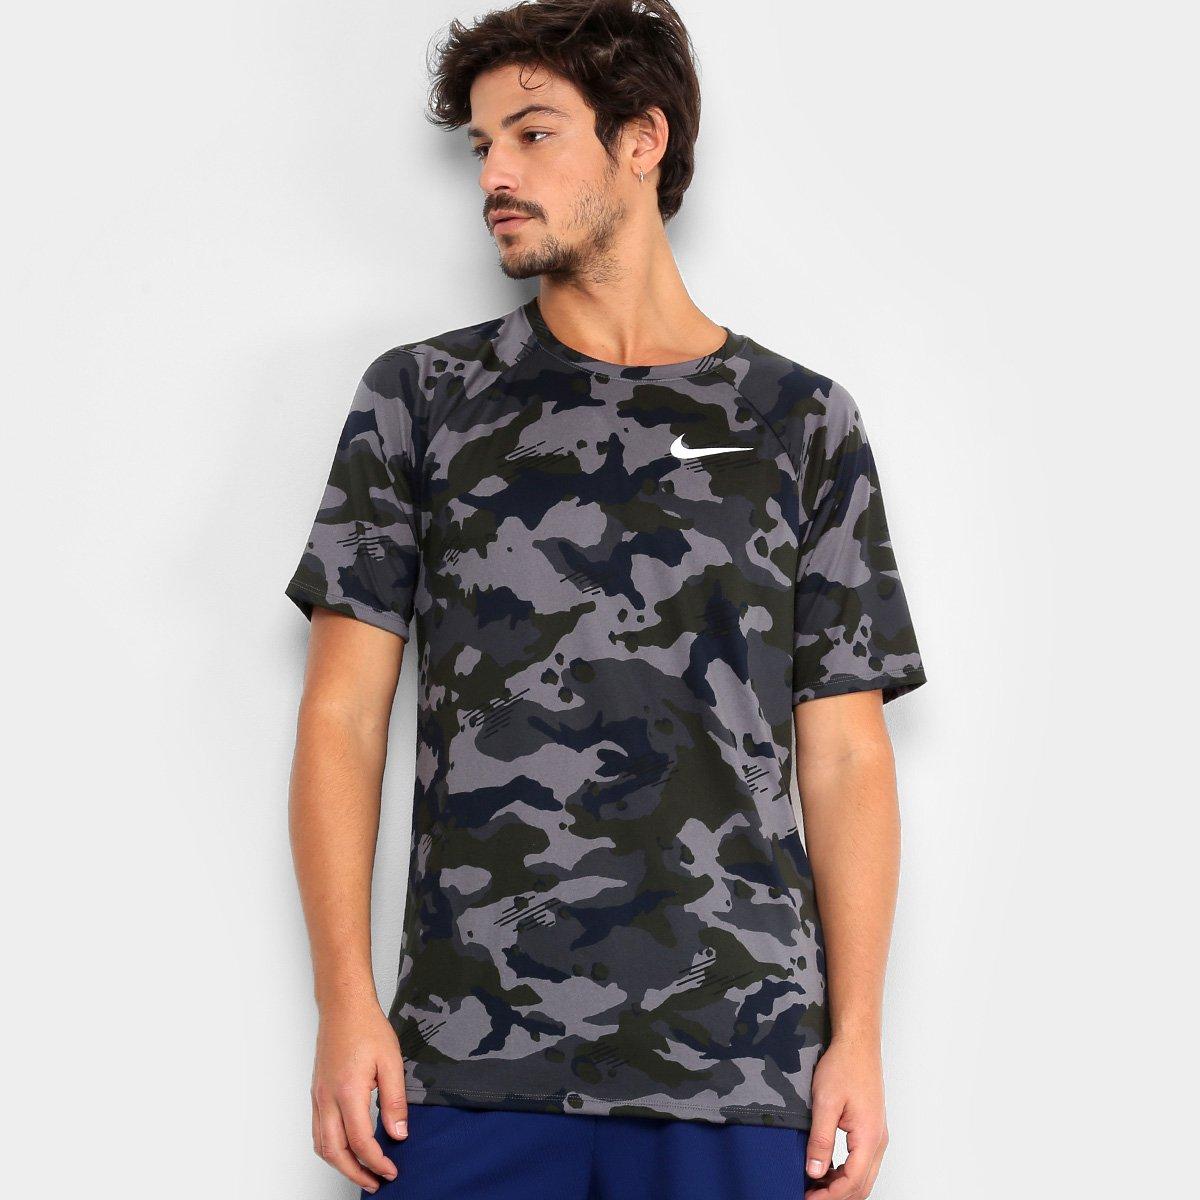 Camiseta Nike Dry Camuflada Masculina - Compre Agora  5a88ee453e2c2